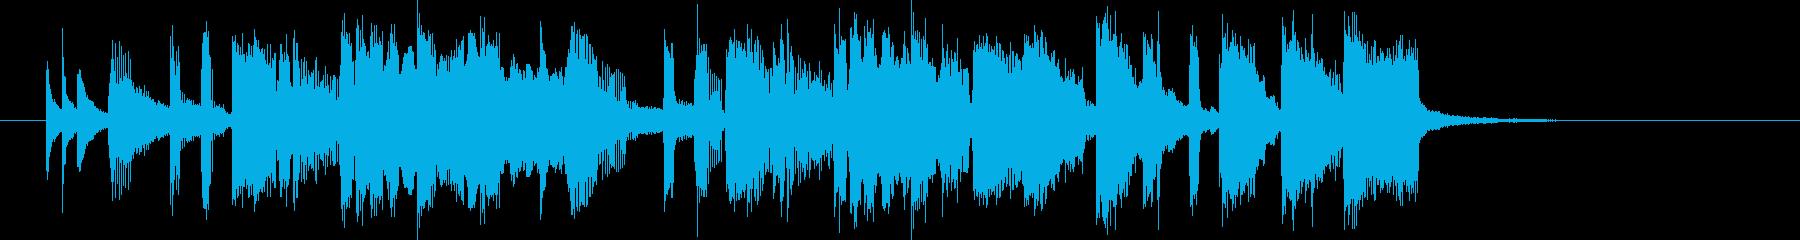 ホーンが華やかなシンセポップの再生済みの波形